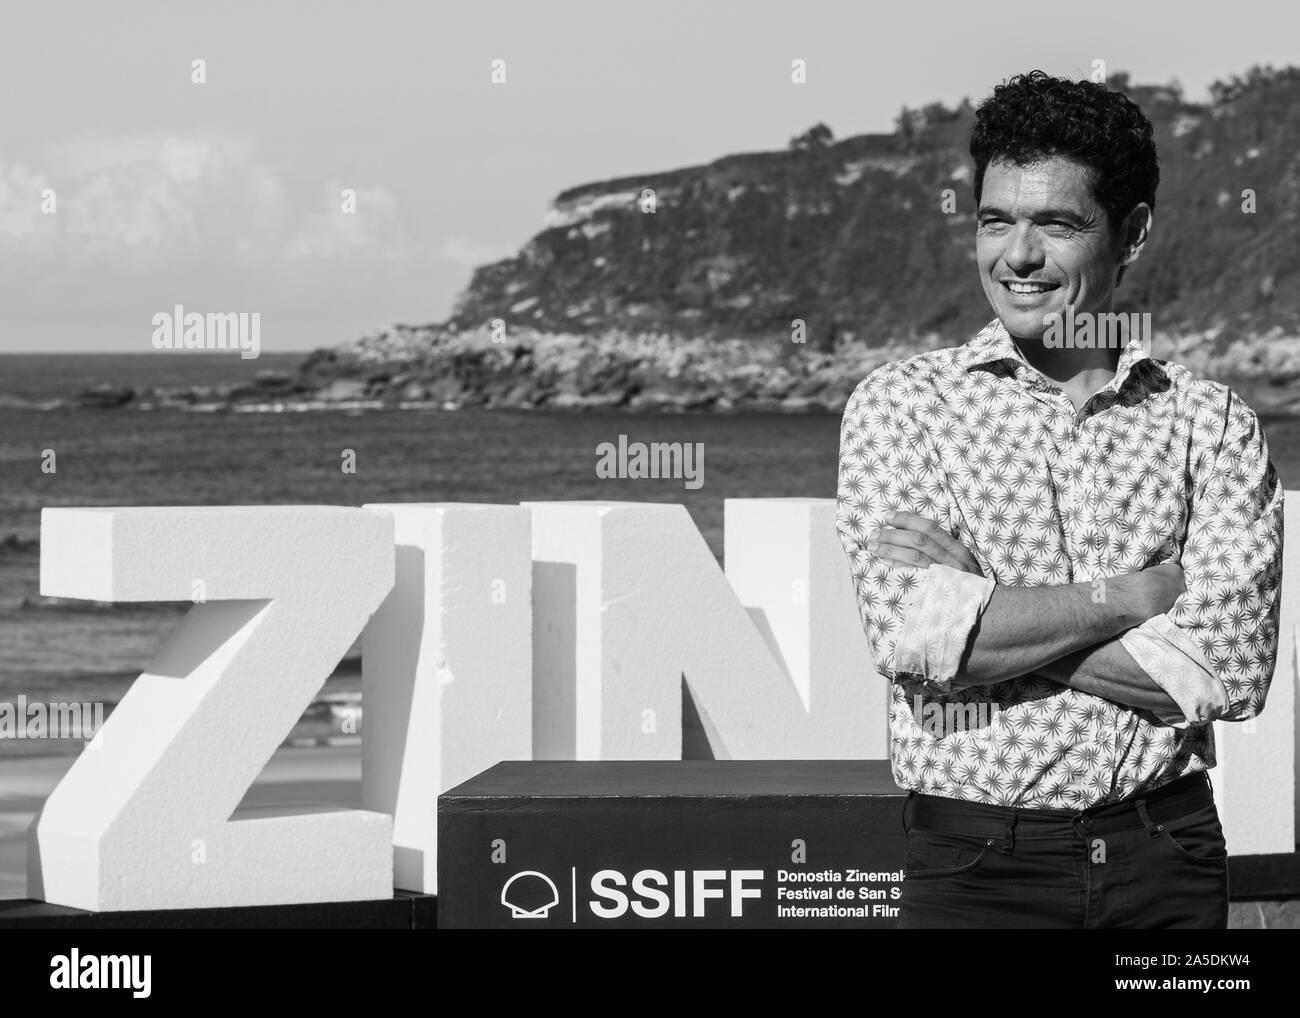 Pablo Molineros actor de la película EL VERANO QUE VIVIMOS posando en el photocall del Festival Internacional de Cine de San Sebastian. Stock Photo